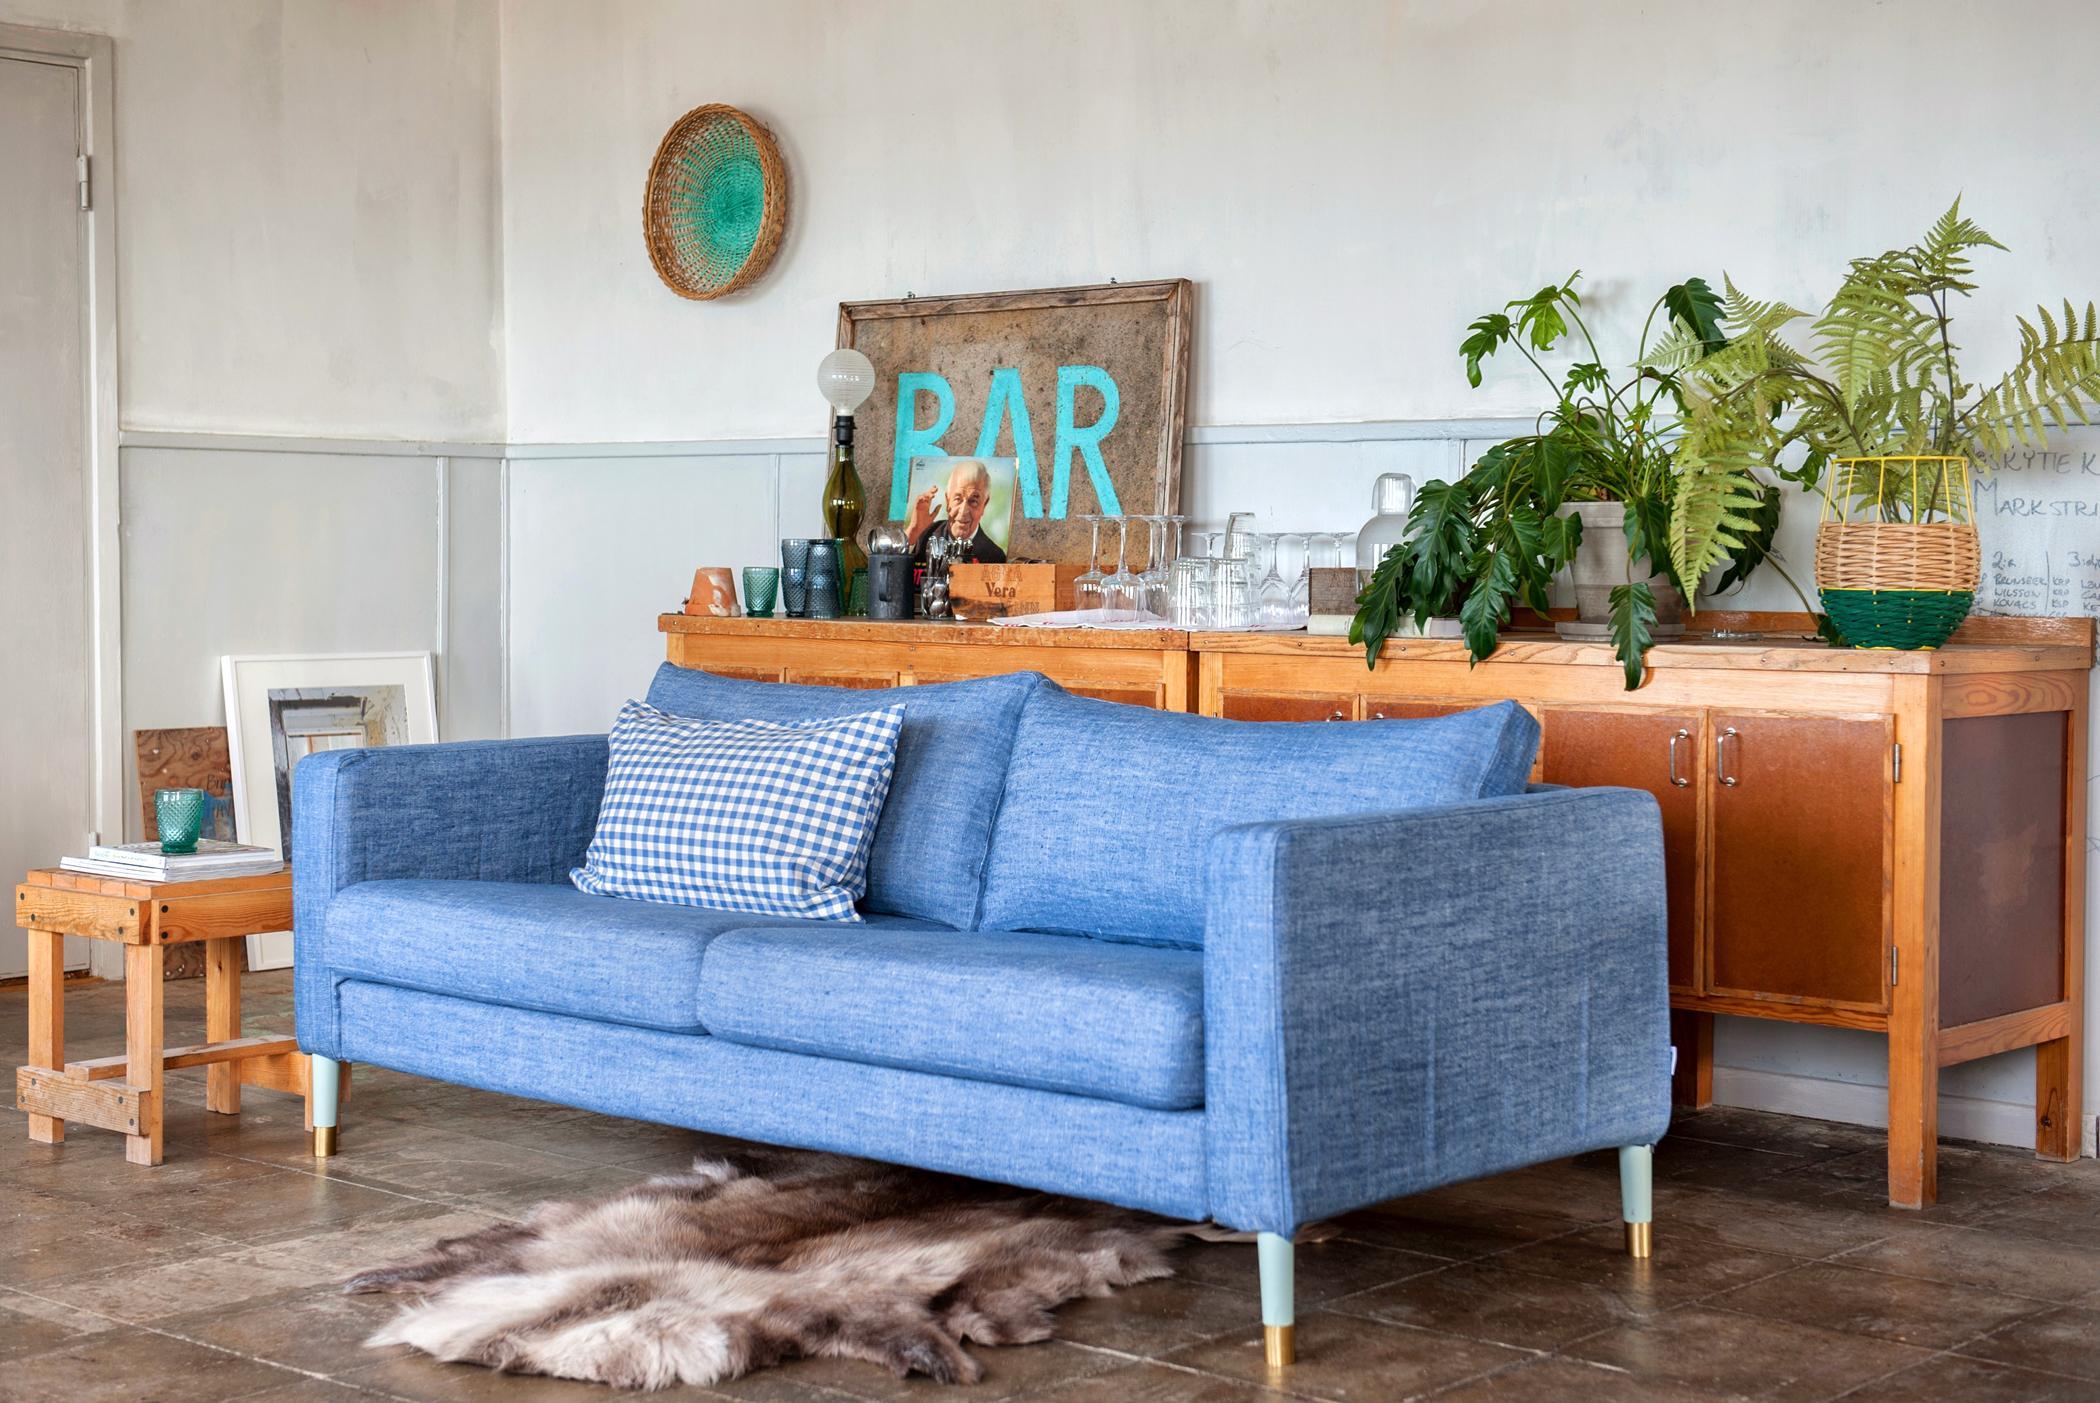 Bevorzugt Hellblaues Sofa mit feiner Struktur #sofa ©Bemz • COUCH EU06